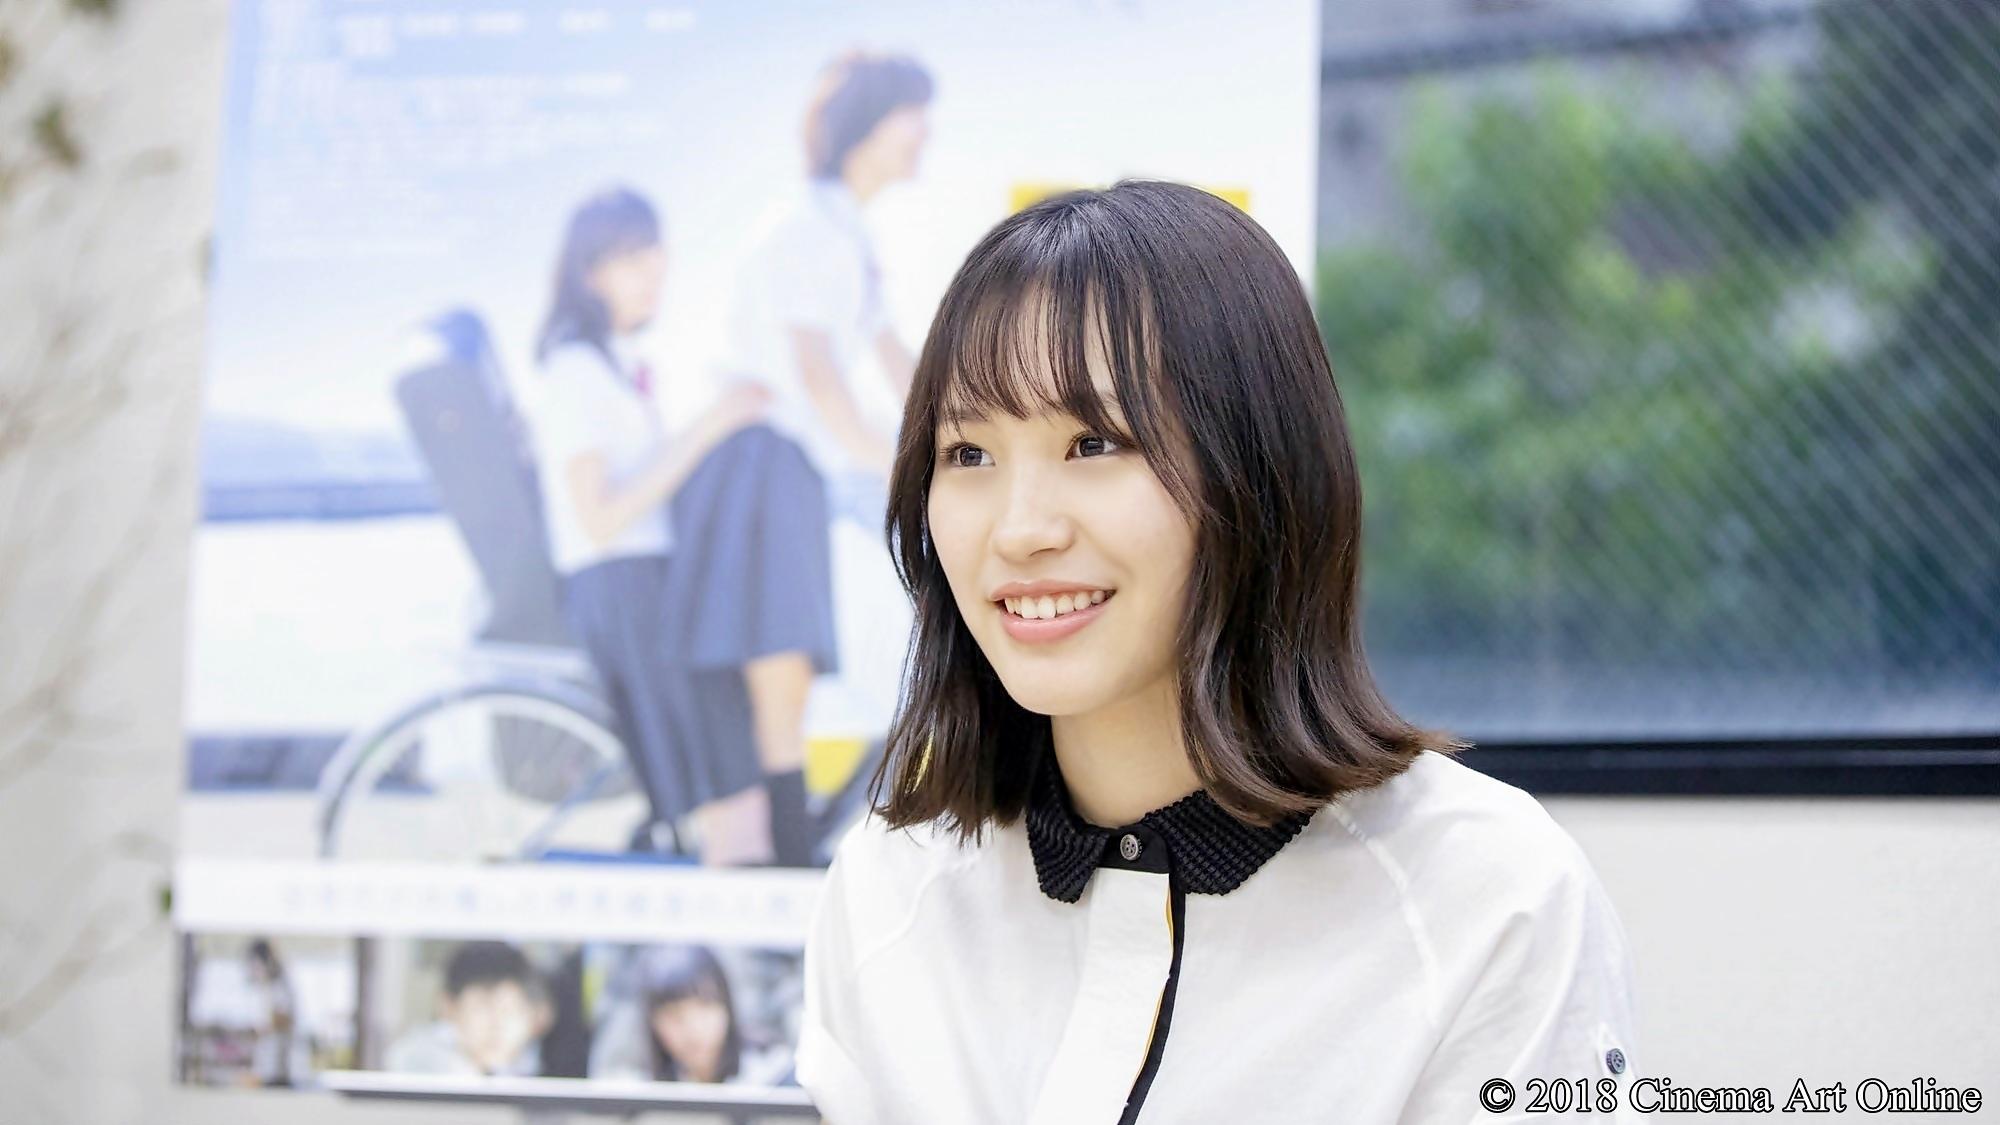 【写真】映画『志乃ちゃんは自分の名前が言えない』南沙良インタビュー